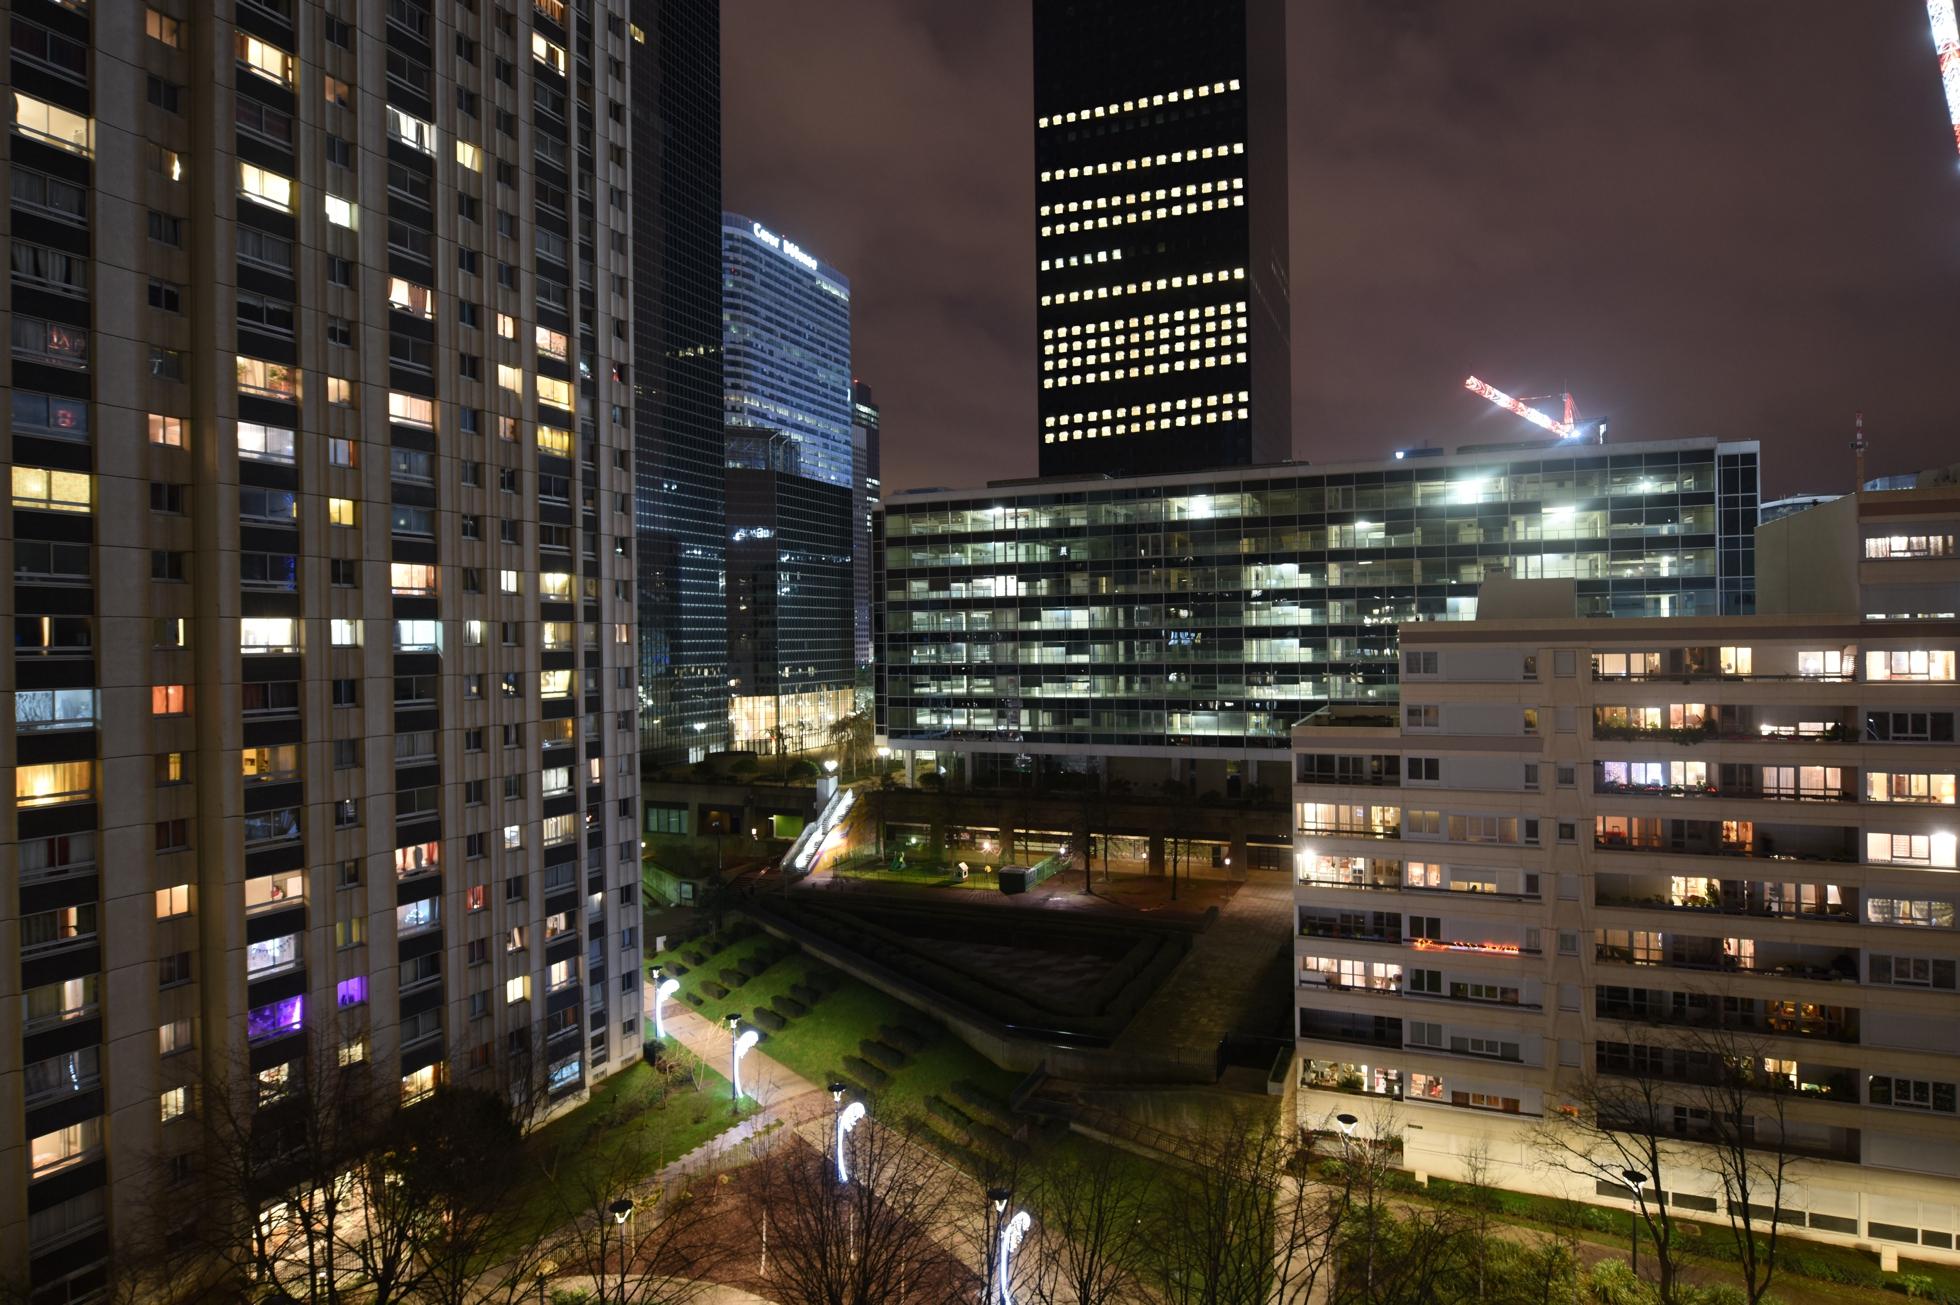 La population de puteaux et nanterre augmente celle de courbevoie chute defense - Piscine municipale de courbevoie ...